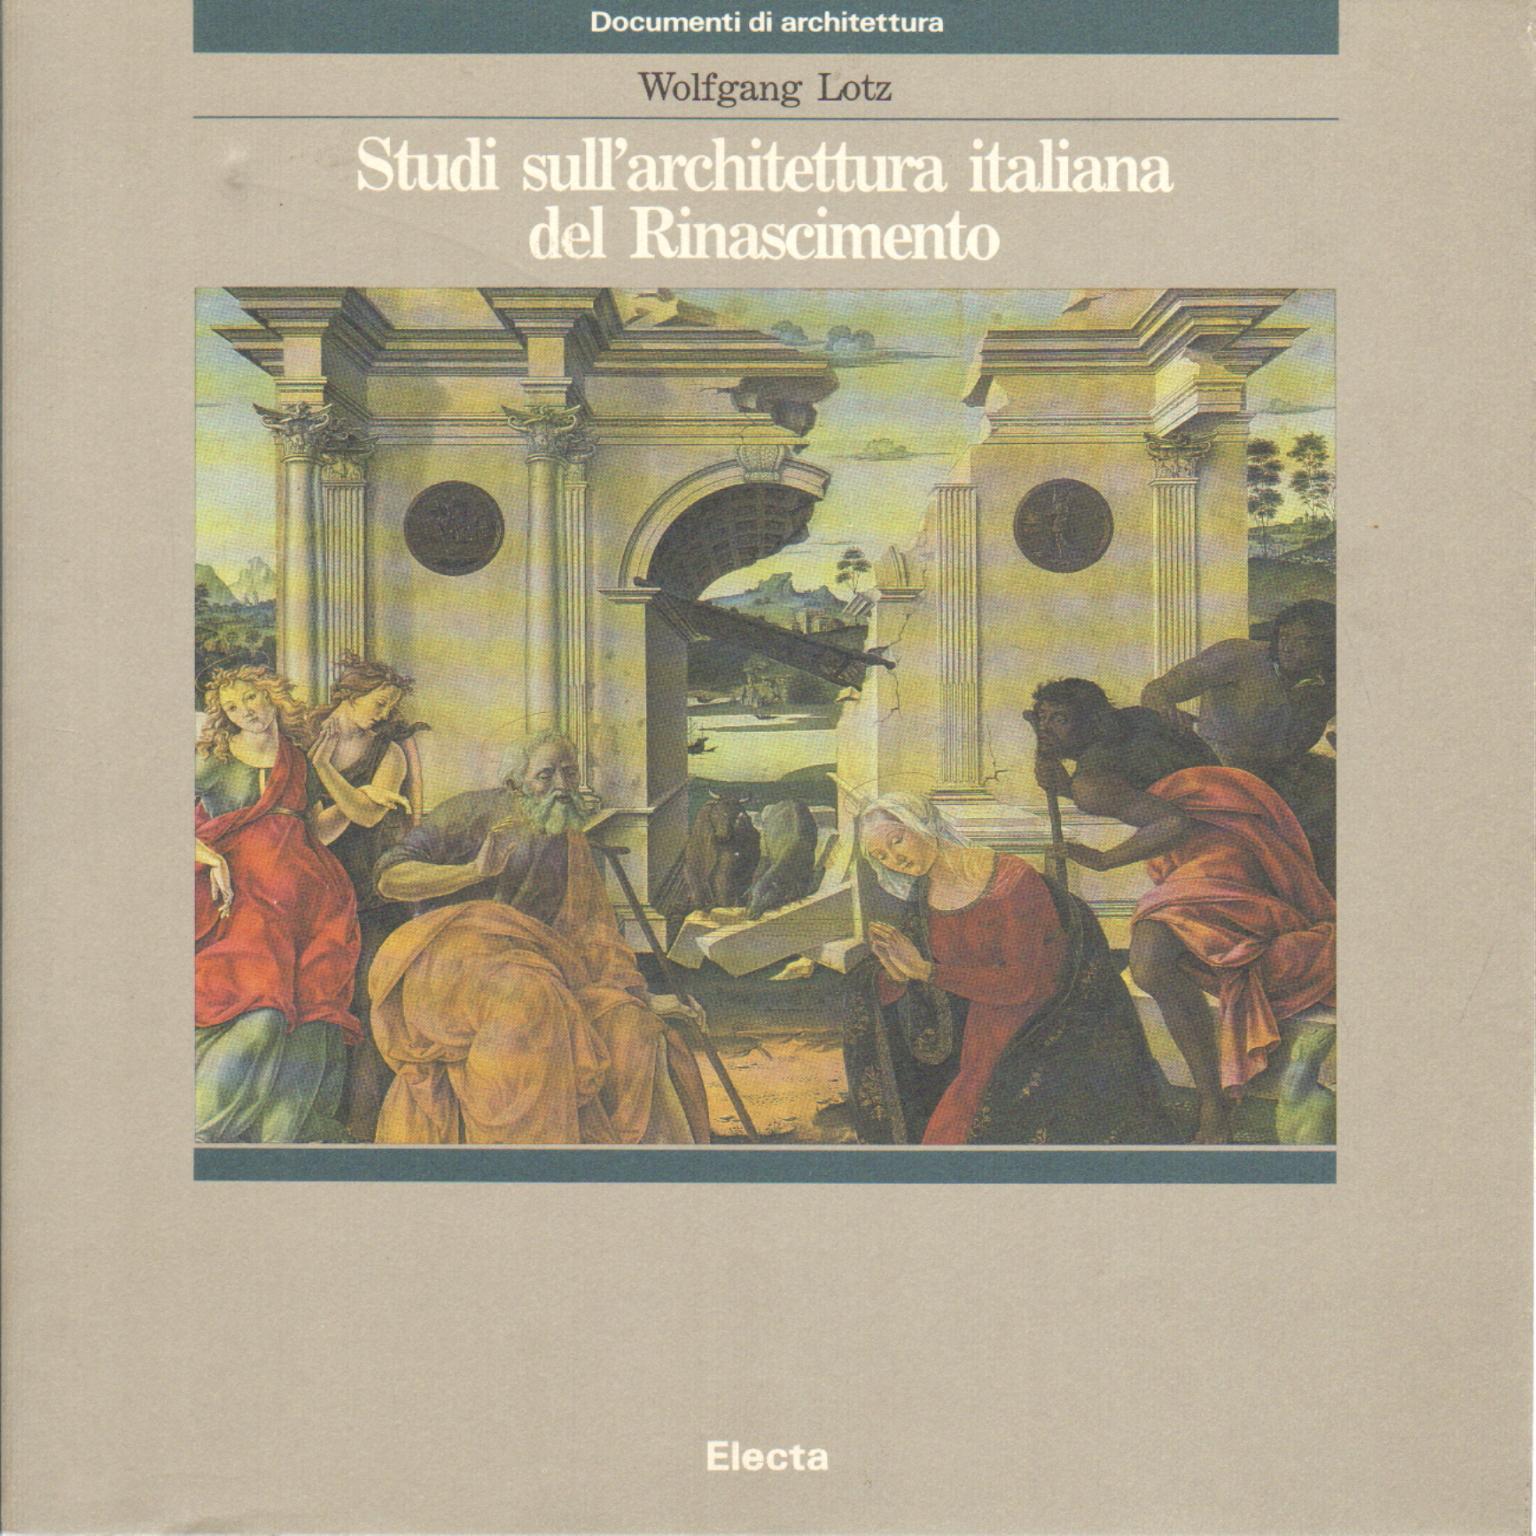 Studi sull 39 architettura italiana del rinascimento for Elenco studi di architettura roma